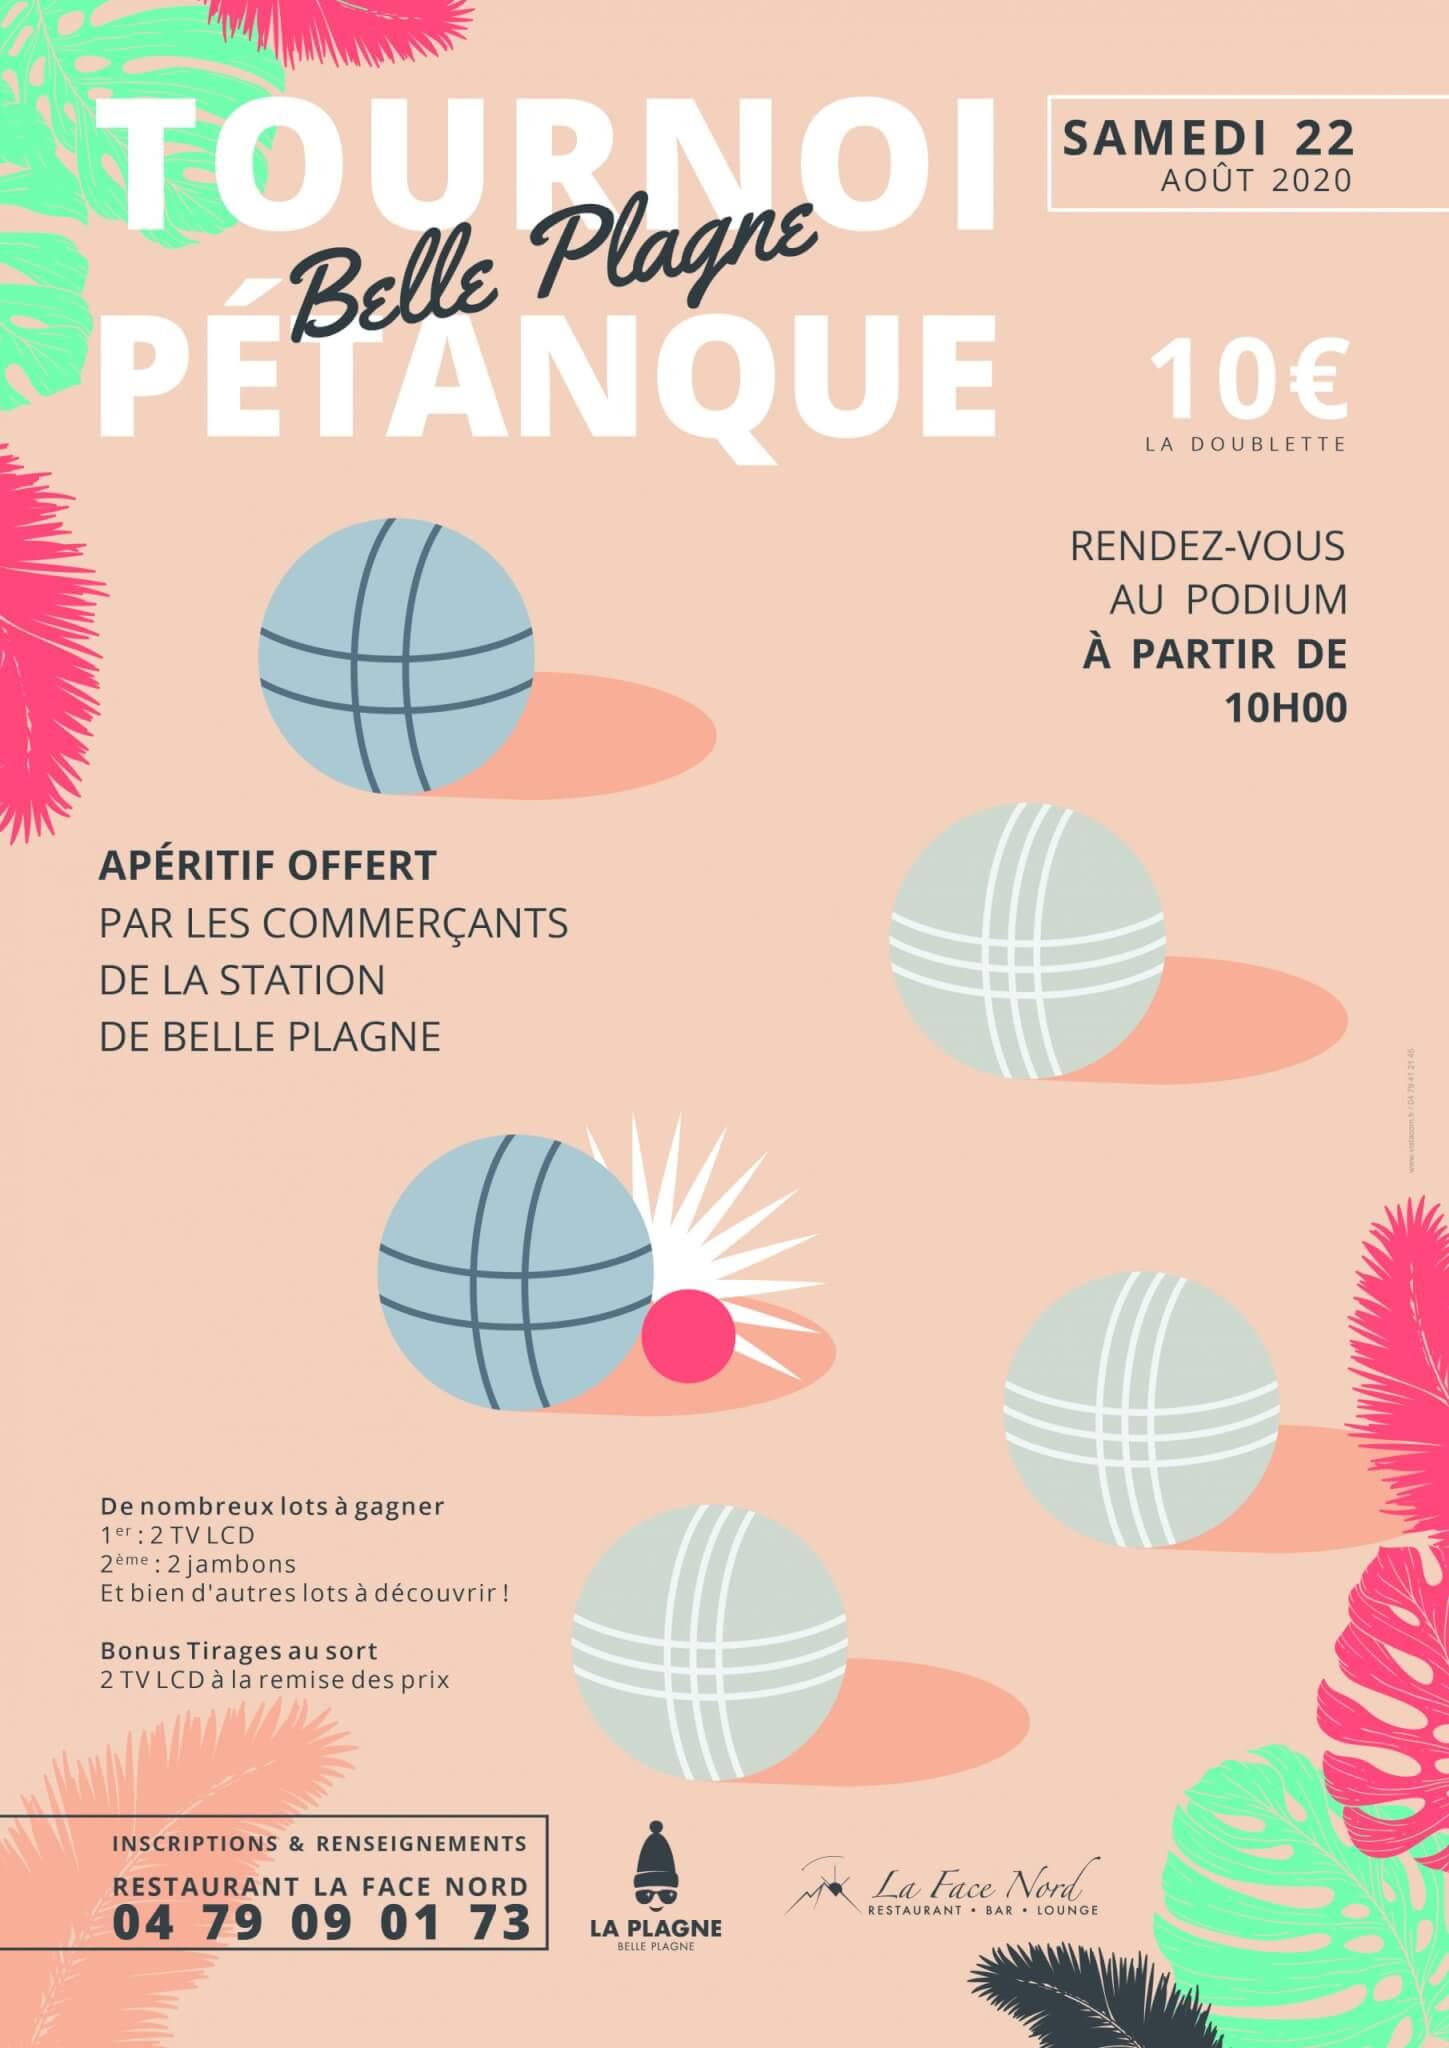 Tournois de Pétanque à Belle Plagne samedi 22 août !